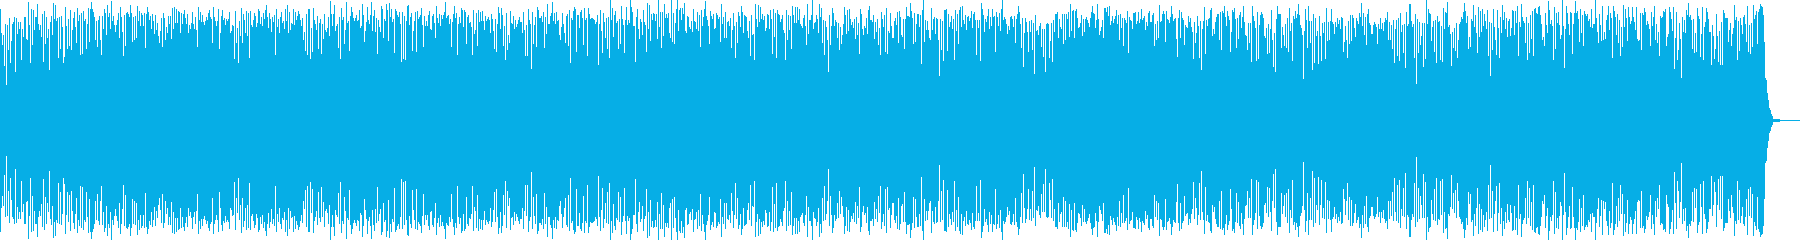 スペースドラムによる神秘的なBGMの再生済みの波形